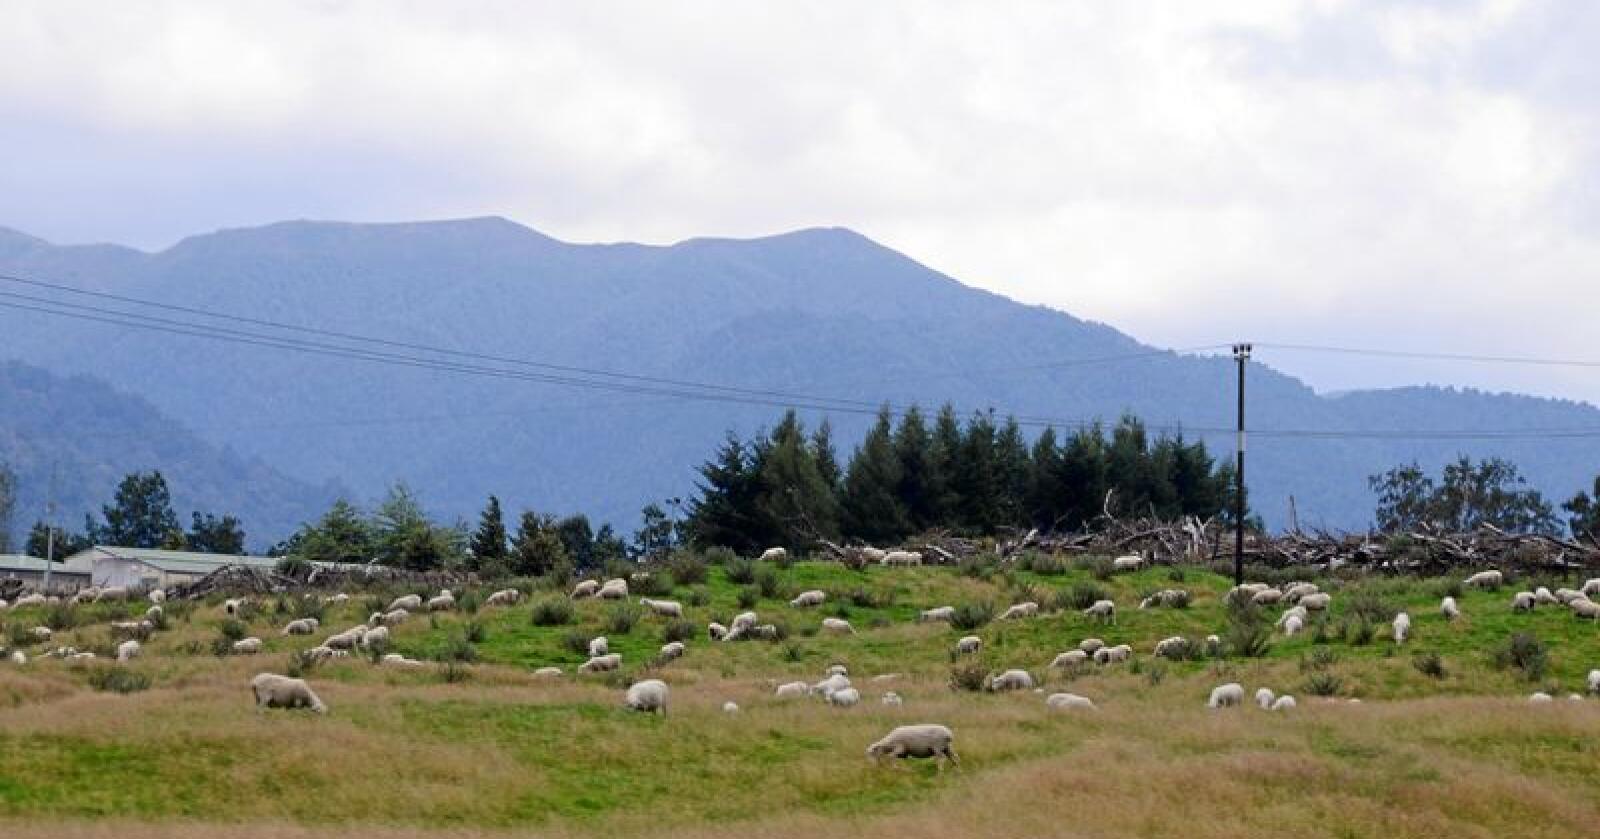 Sau og lam er storindustri på New Zealand. Det har ført til at de drøvtyggende ulldottenes klimagassutslipp står høyt på dagsorden også på den andre siden av kloden. Foto: Mariann Tvete